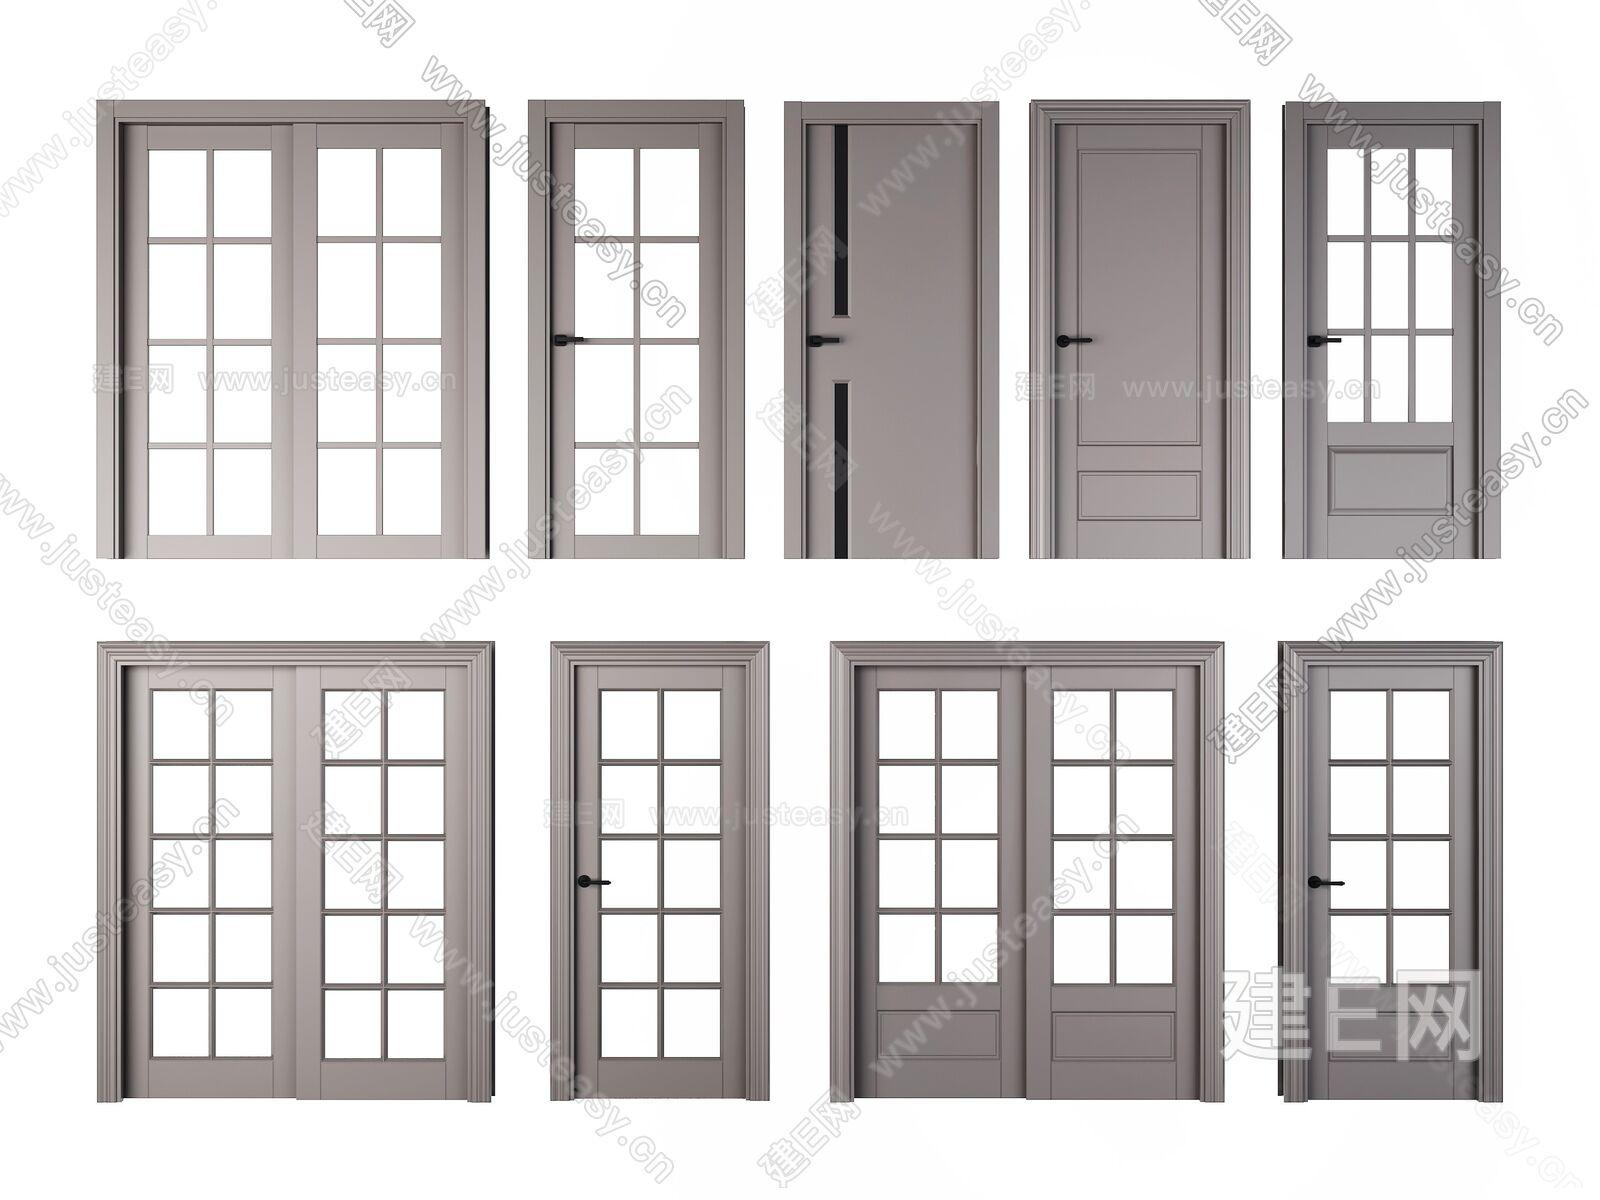 现代门组合sketchup模型